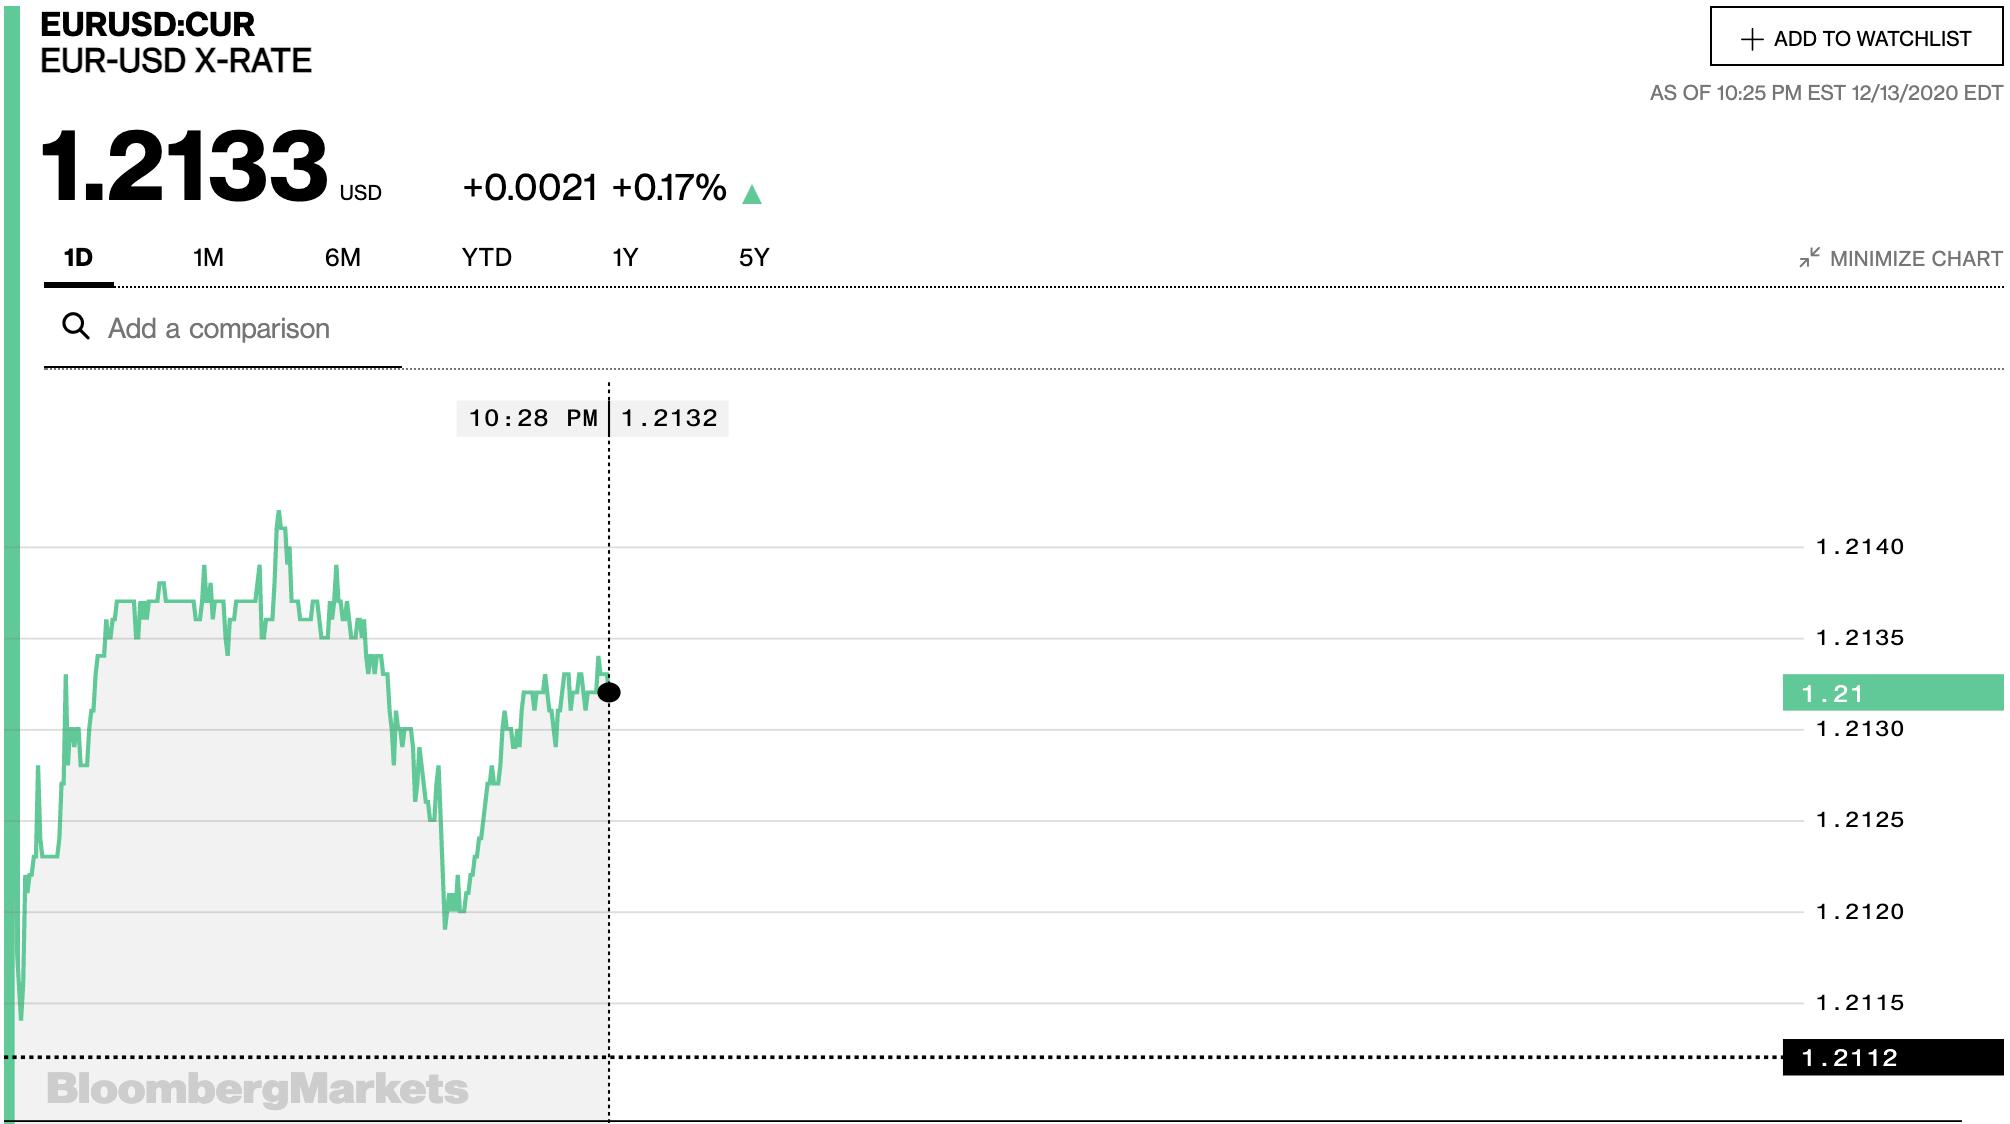 Tỷ giá euro hôm nay 14/12: Xu hướng giảm chiếm đa số ngân hàng ngày đầu tuần - Ảnh 2.